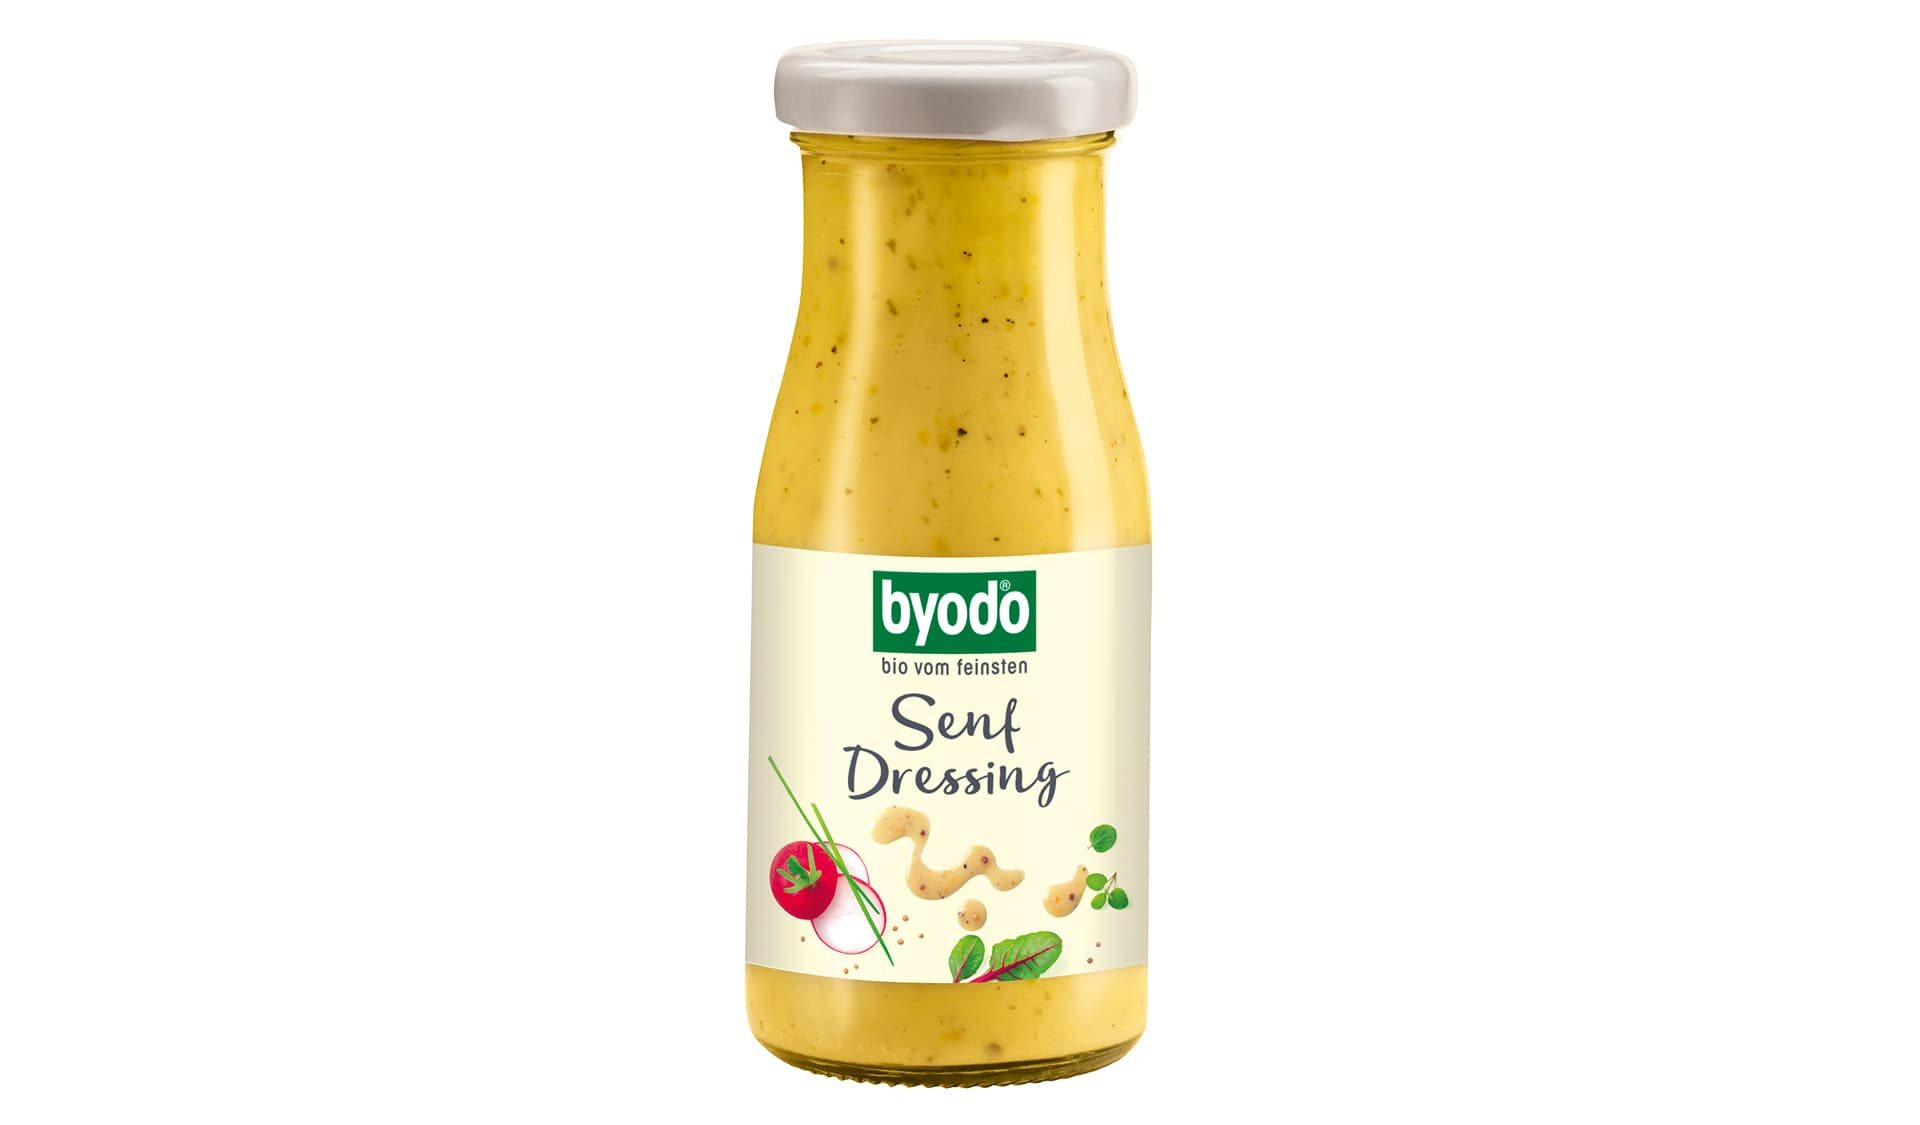 Byodo Senf Dressing (www.byodo.de)